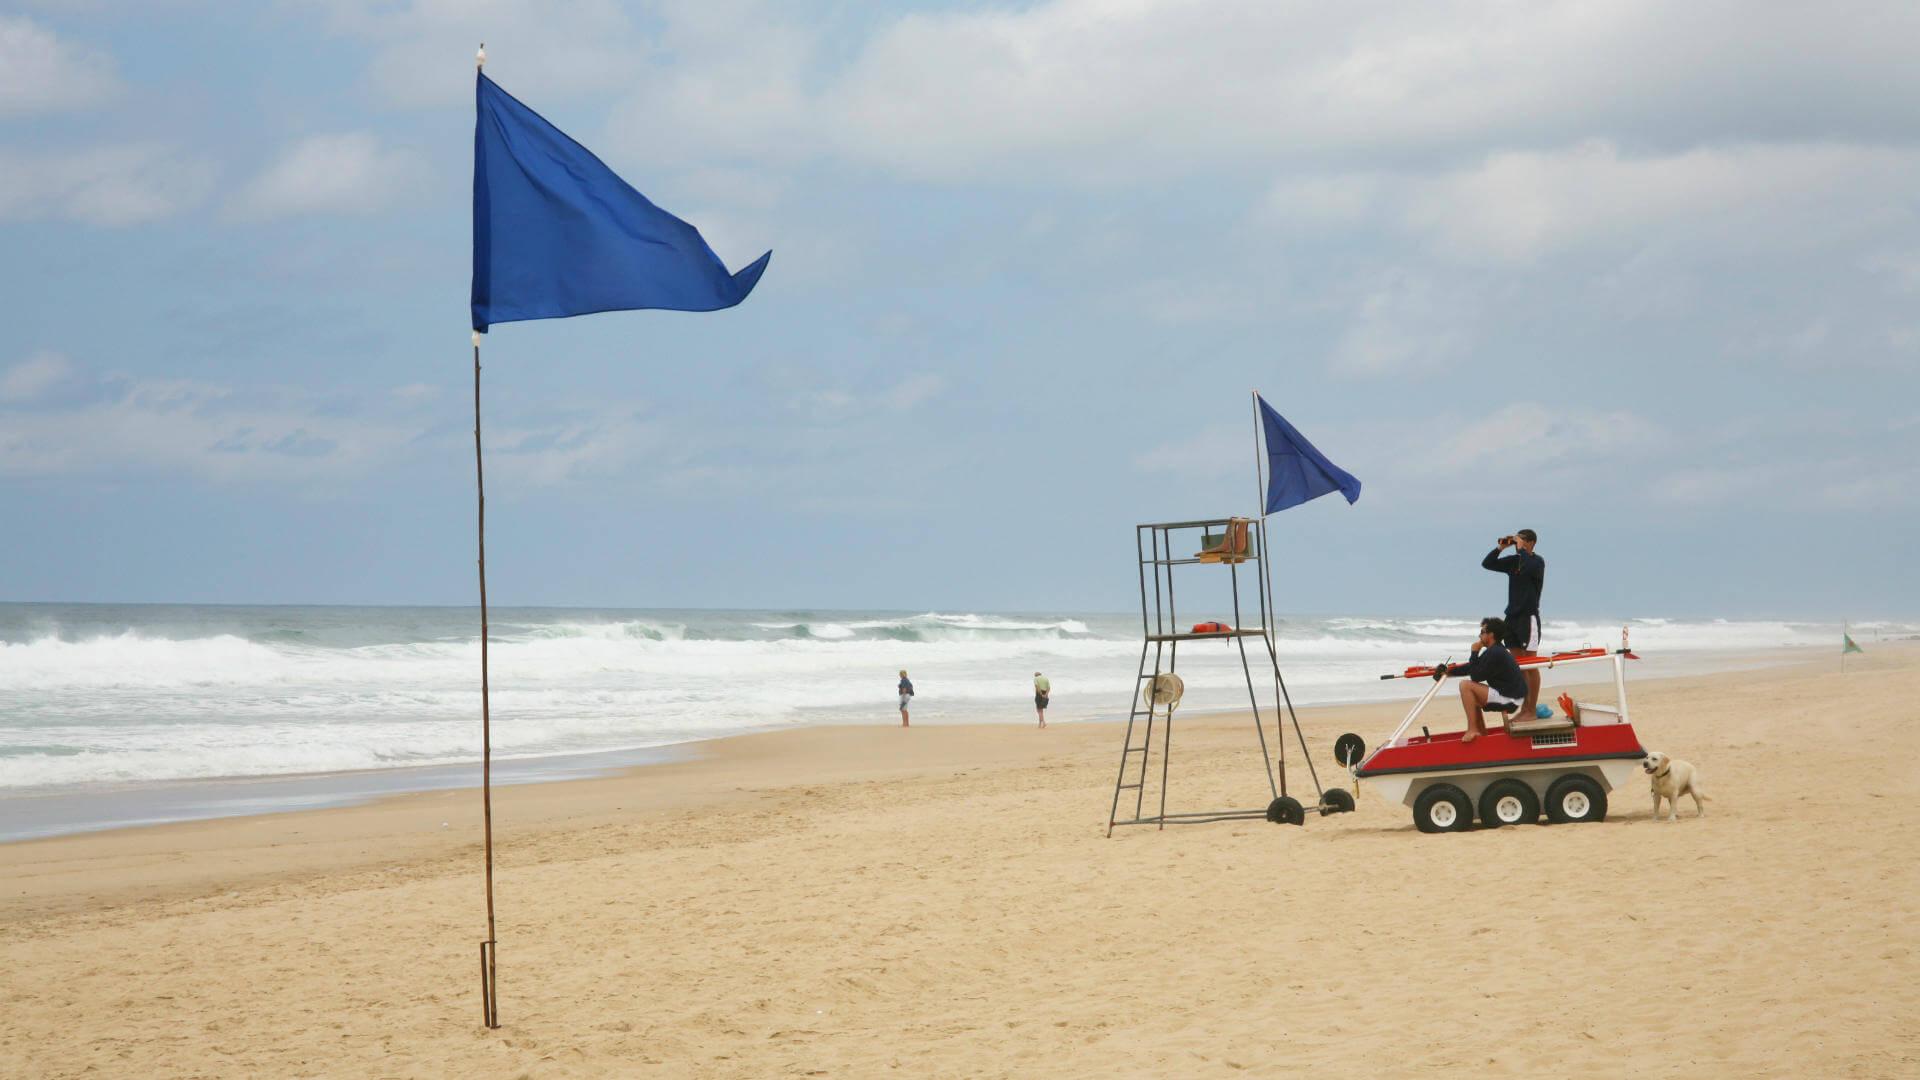 playas con bandera azul